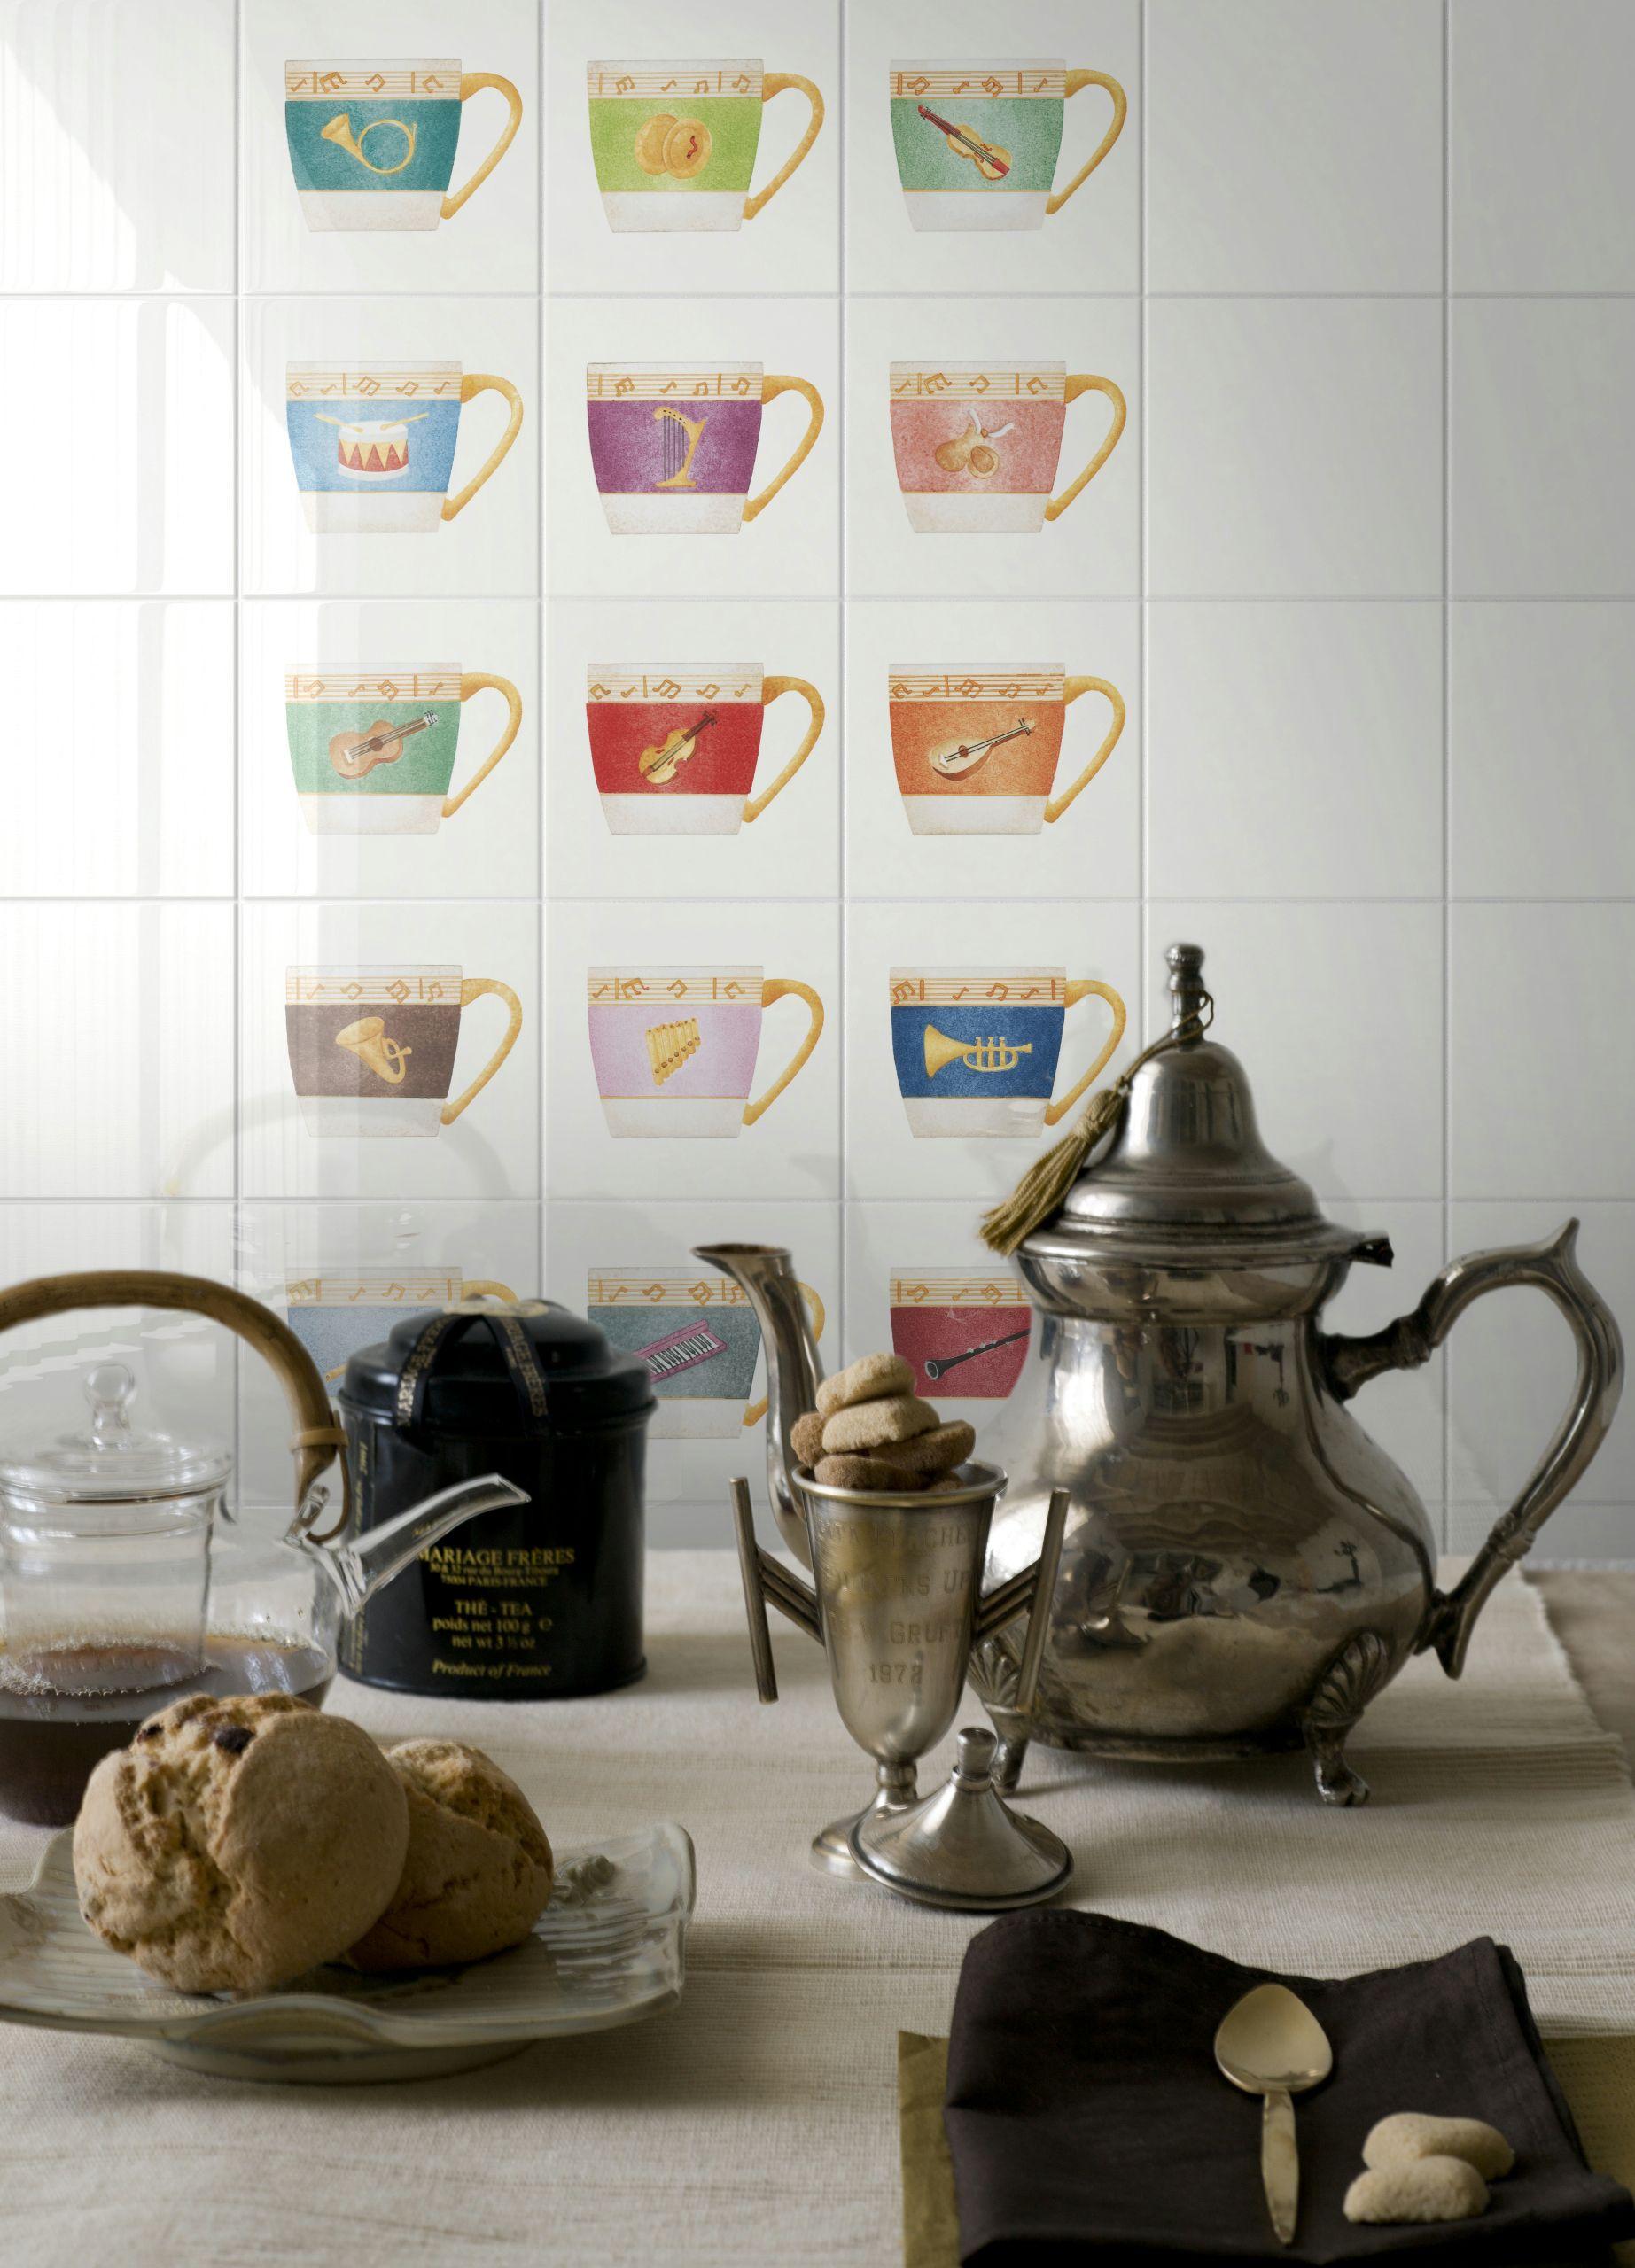 Rivestimento in ceramica bicottura orchestra by ceramica bardelli design davide pizzigoni - Ceramica bardelli cucina ...